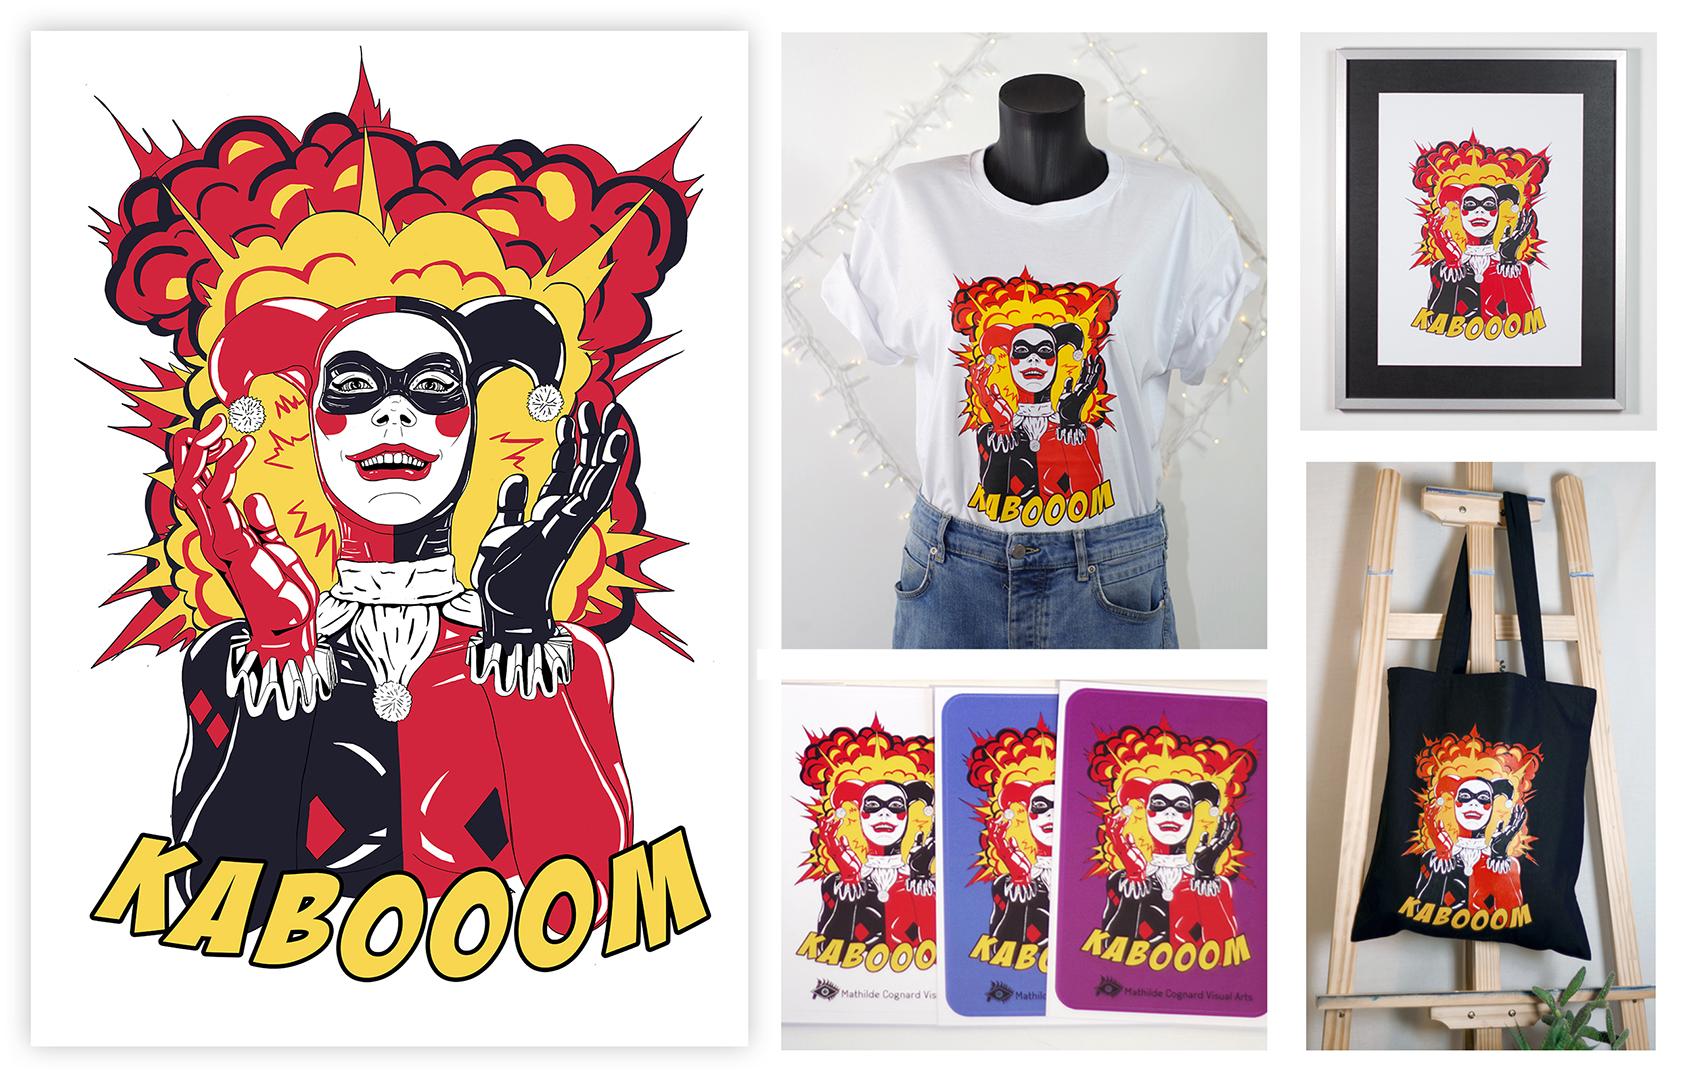 """<h3>Design Harley Quinn & produits dérivés</h3><p>    Ce graphisme est inspiré du tableau """"Gotham city"""" que j'ai produis l'année 2019/2020.</p><p>    J'ai redesigné complètement le personnage de ma toile à la tablette numérique, afin de pouvoir le faire sérigraphier en édition limitée. Dans le design final, j'ai ajouté une typographie inspirée des bandes dessinées, et l'onomatopée « Kabooom », afin d'accentuer l'effet comico-tragique de l'illustration. Ce dessin a été imprimé en série limitée sur t-shirts, vestes en jean et sacs en coton. J'ai également fait imprimer des stickers et des cartes de visite afin de promouvoir mes activités.</p>"""